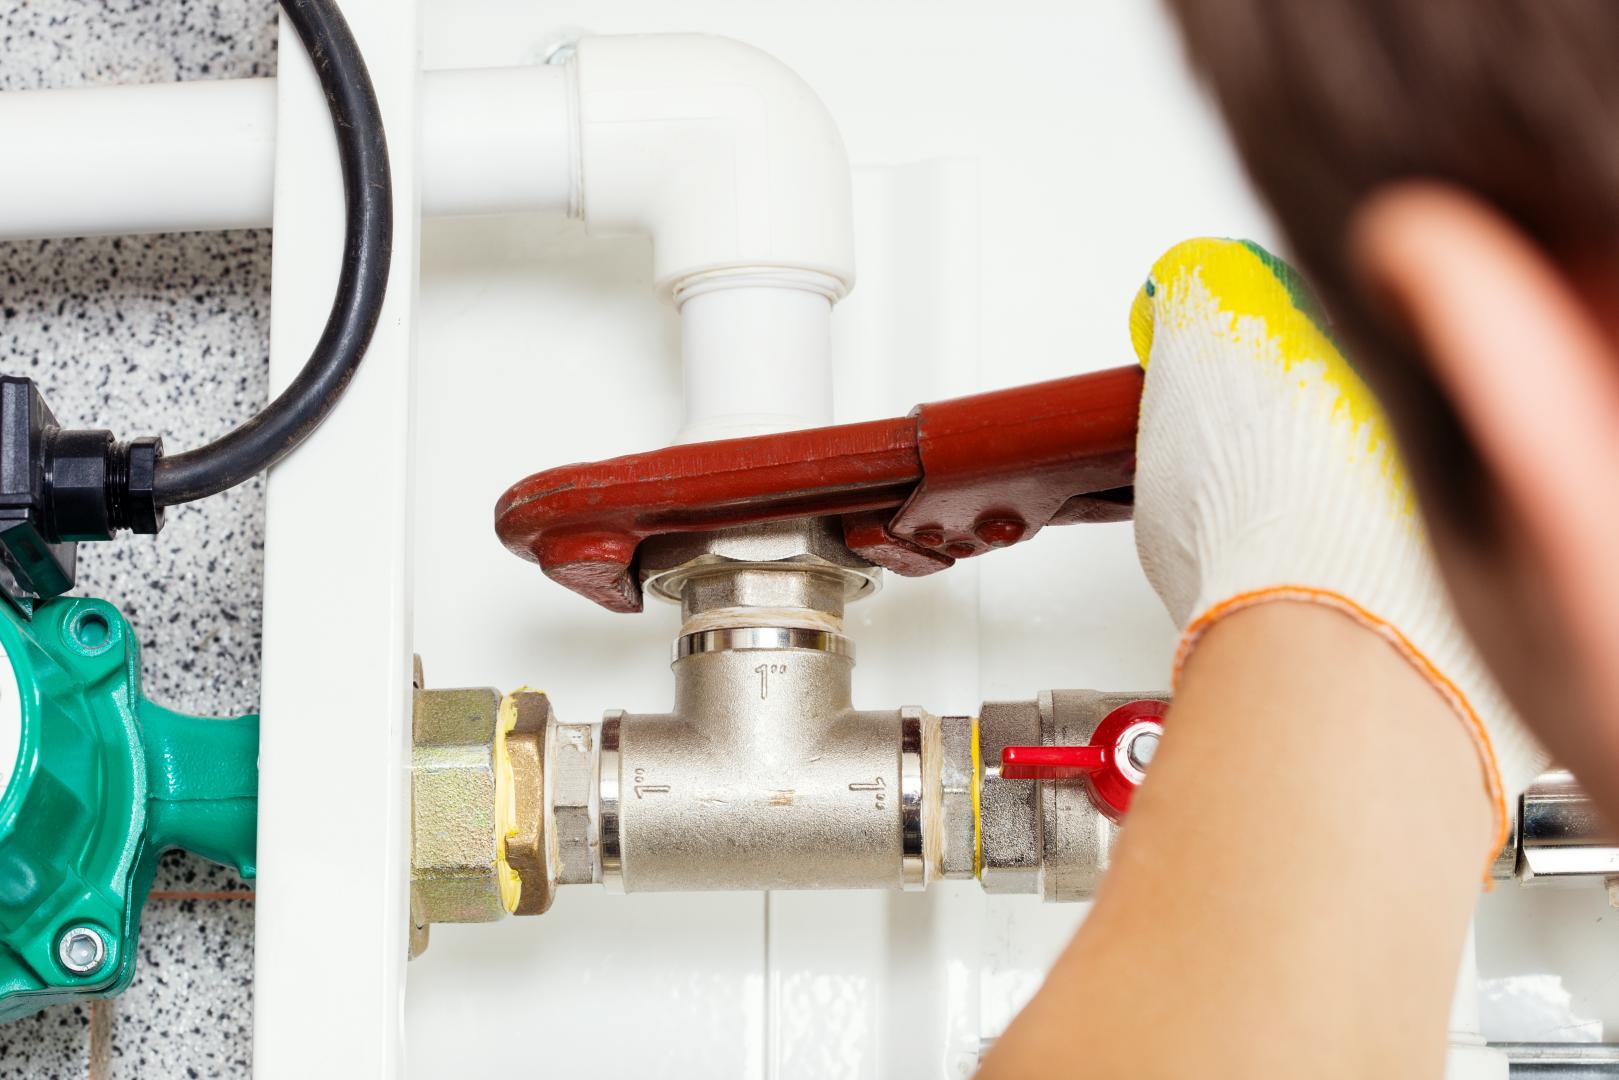 Comment changer un joint de plomberie ?